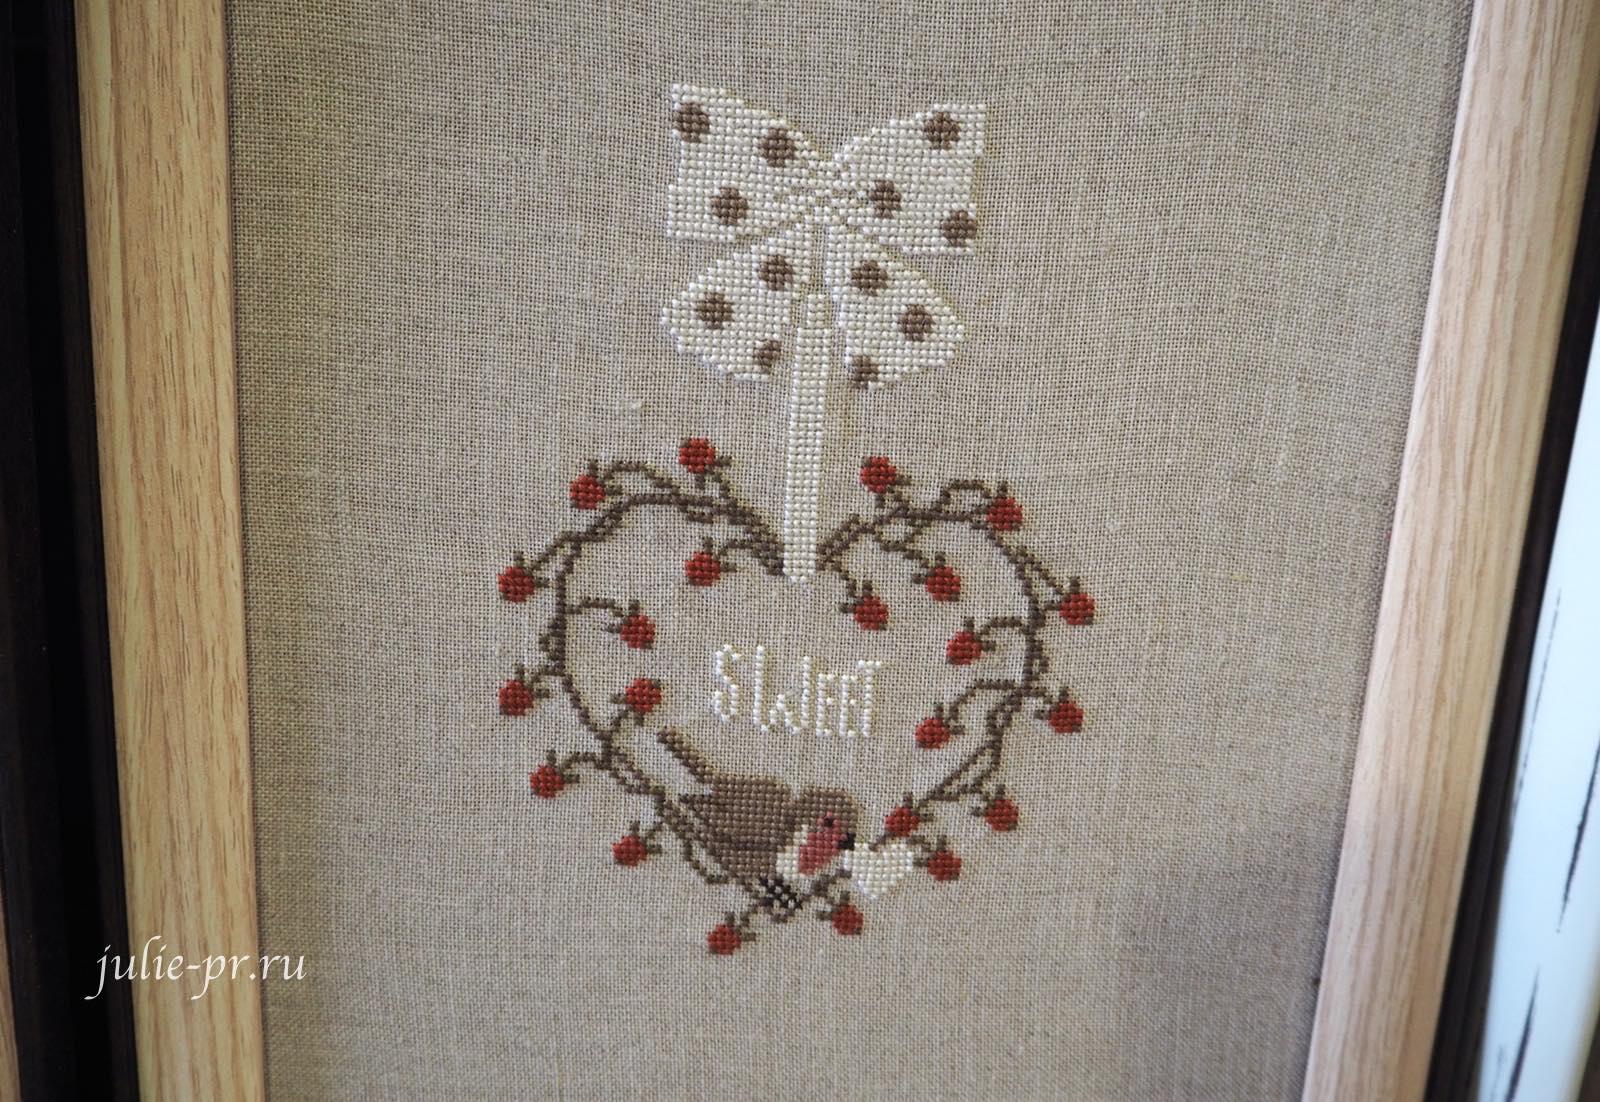 Madame Chantilly, Hearts of berries, Ягодные сердца, вышивка крестом